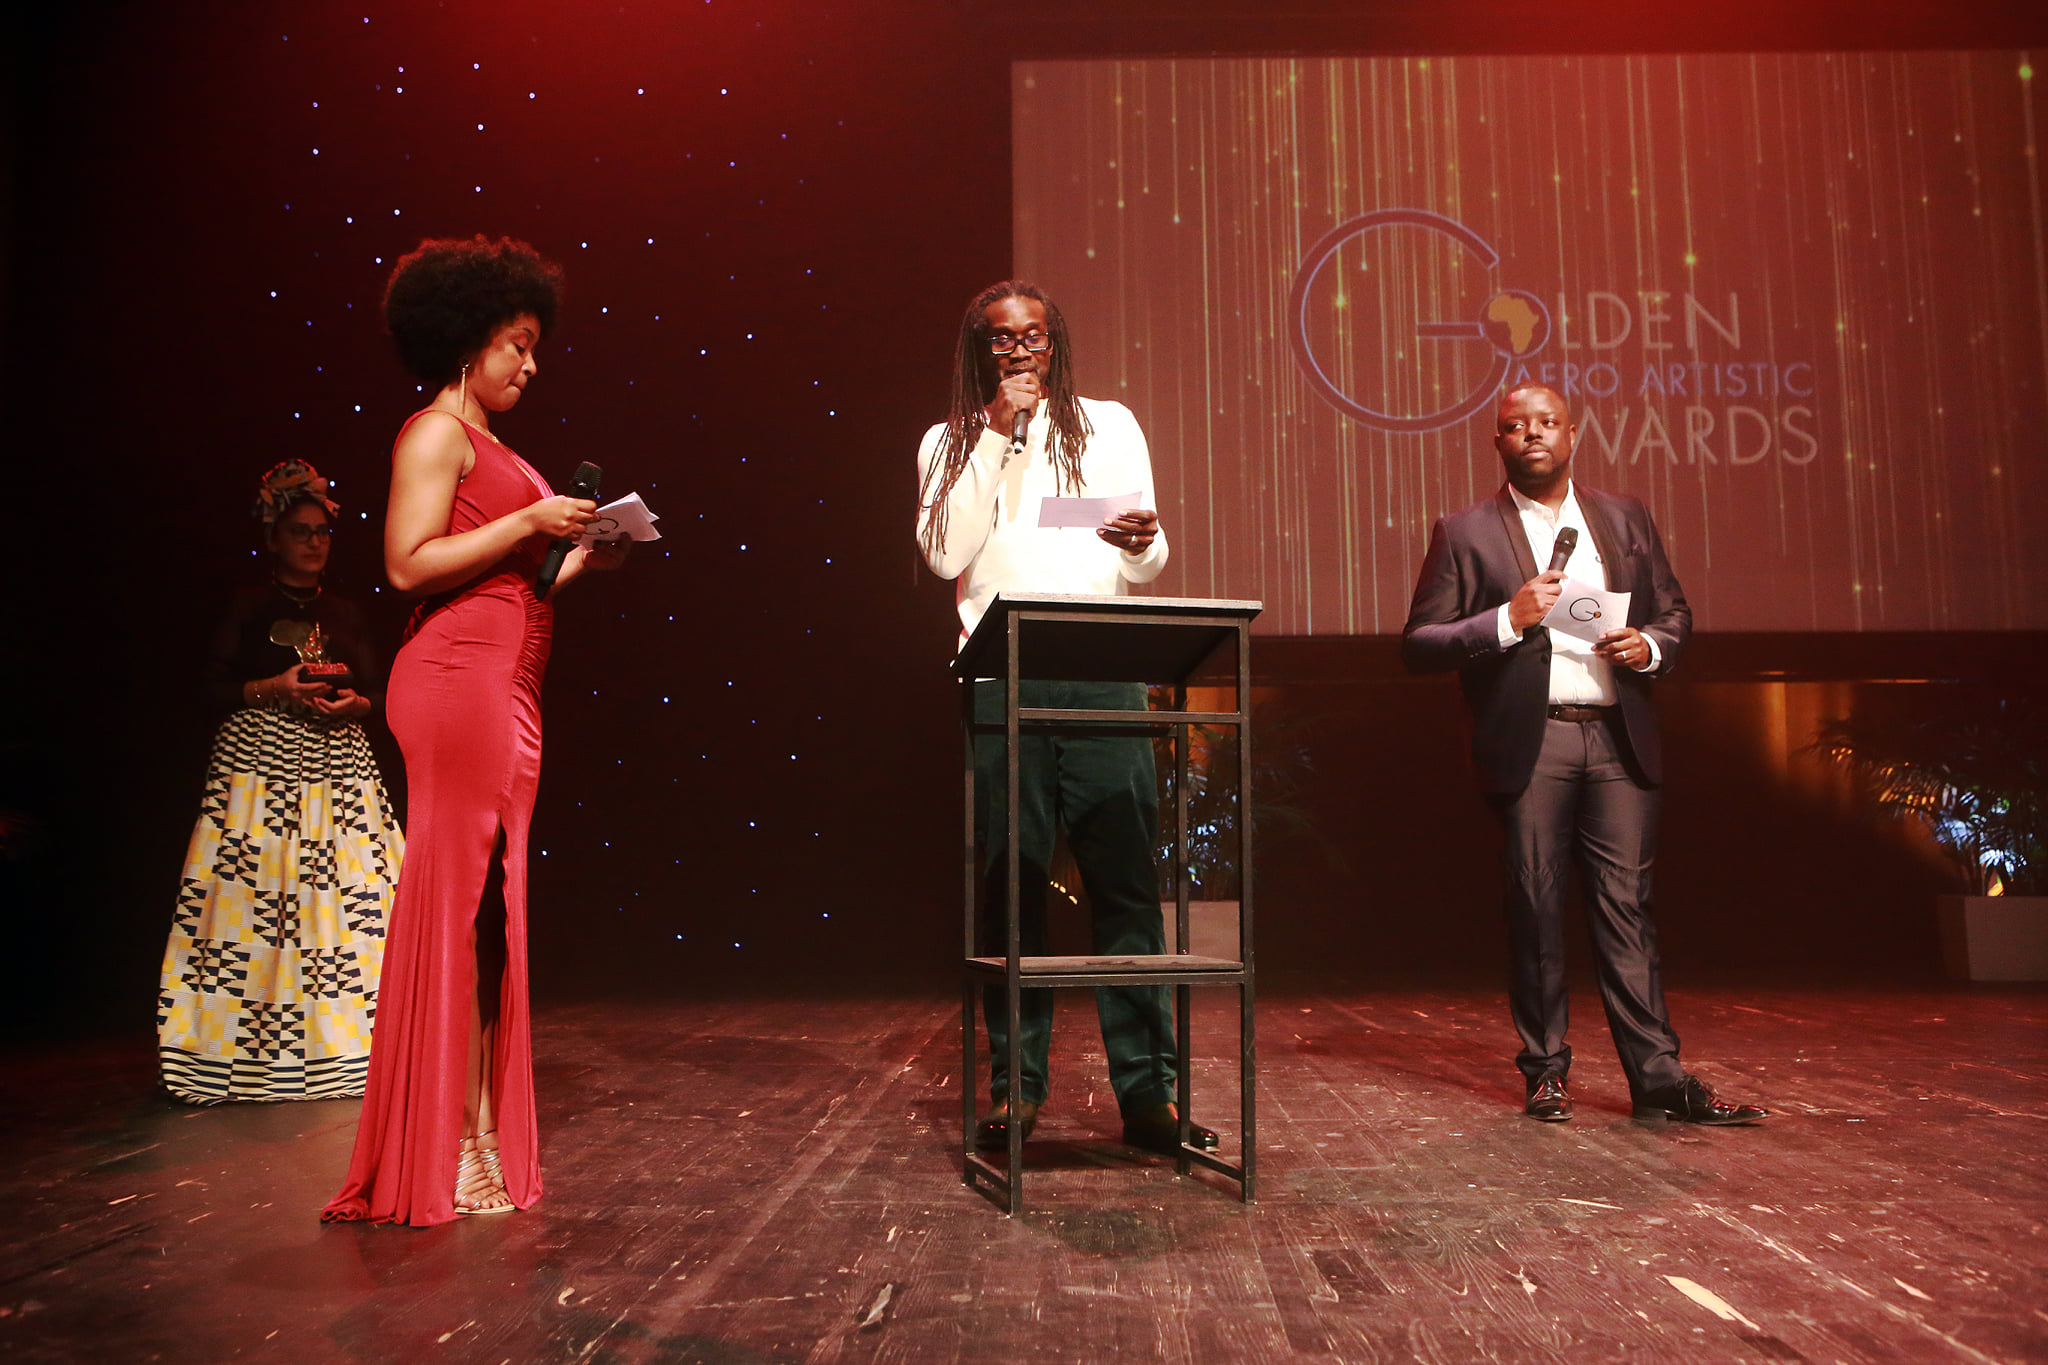 Golden Afro Artistic Awards 2021